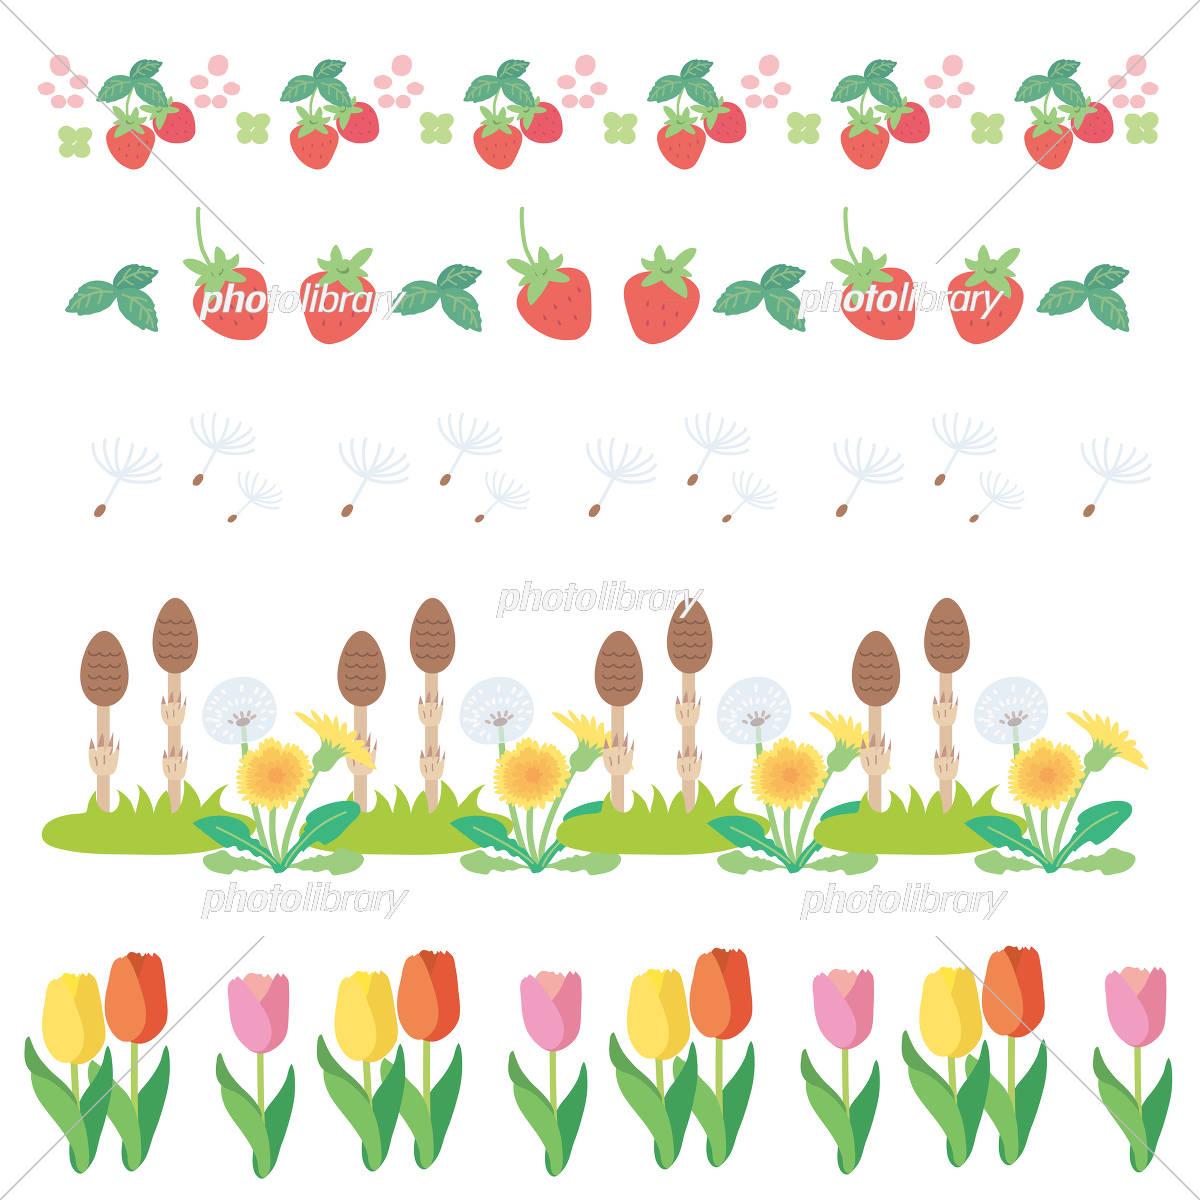 春 イラスト セット イラスト素材 5370034 フォトライブラリー